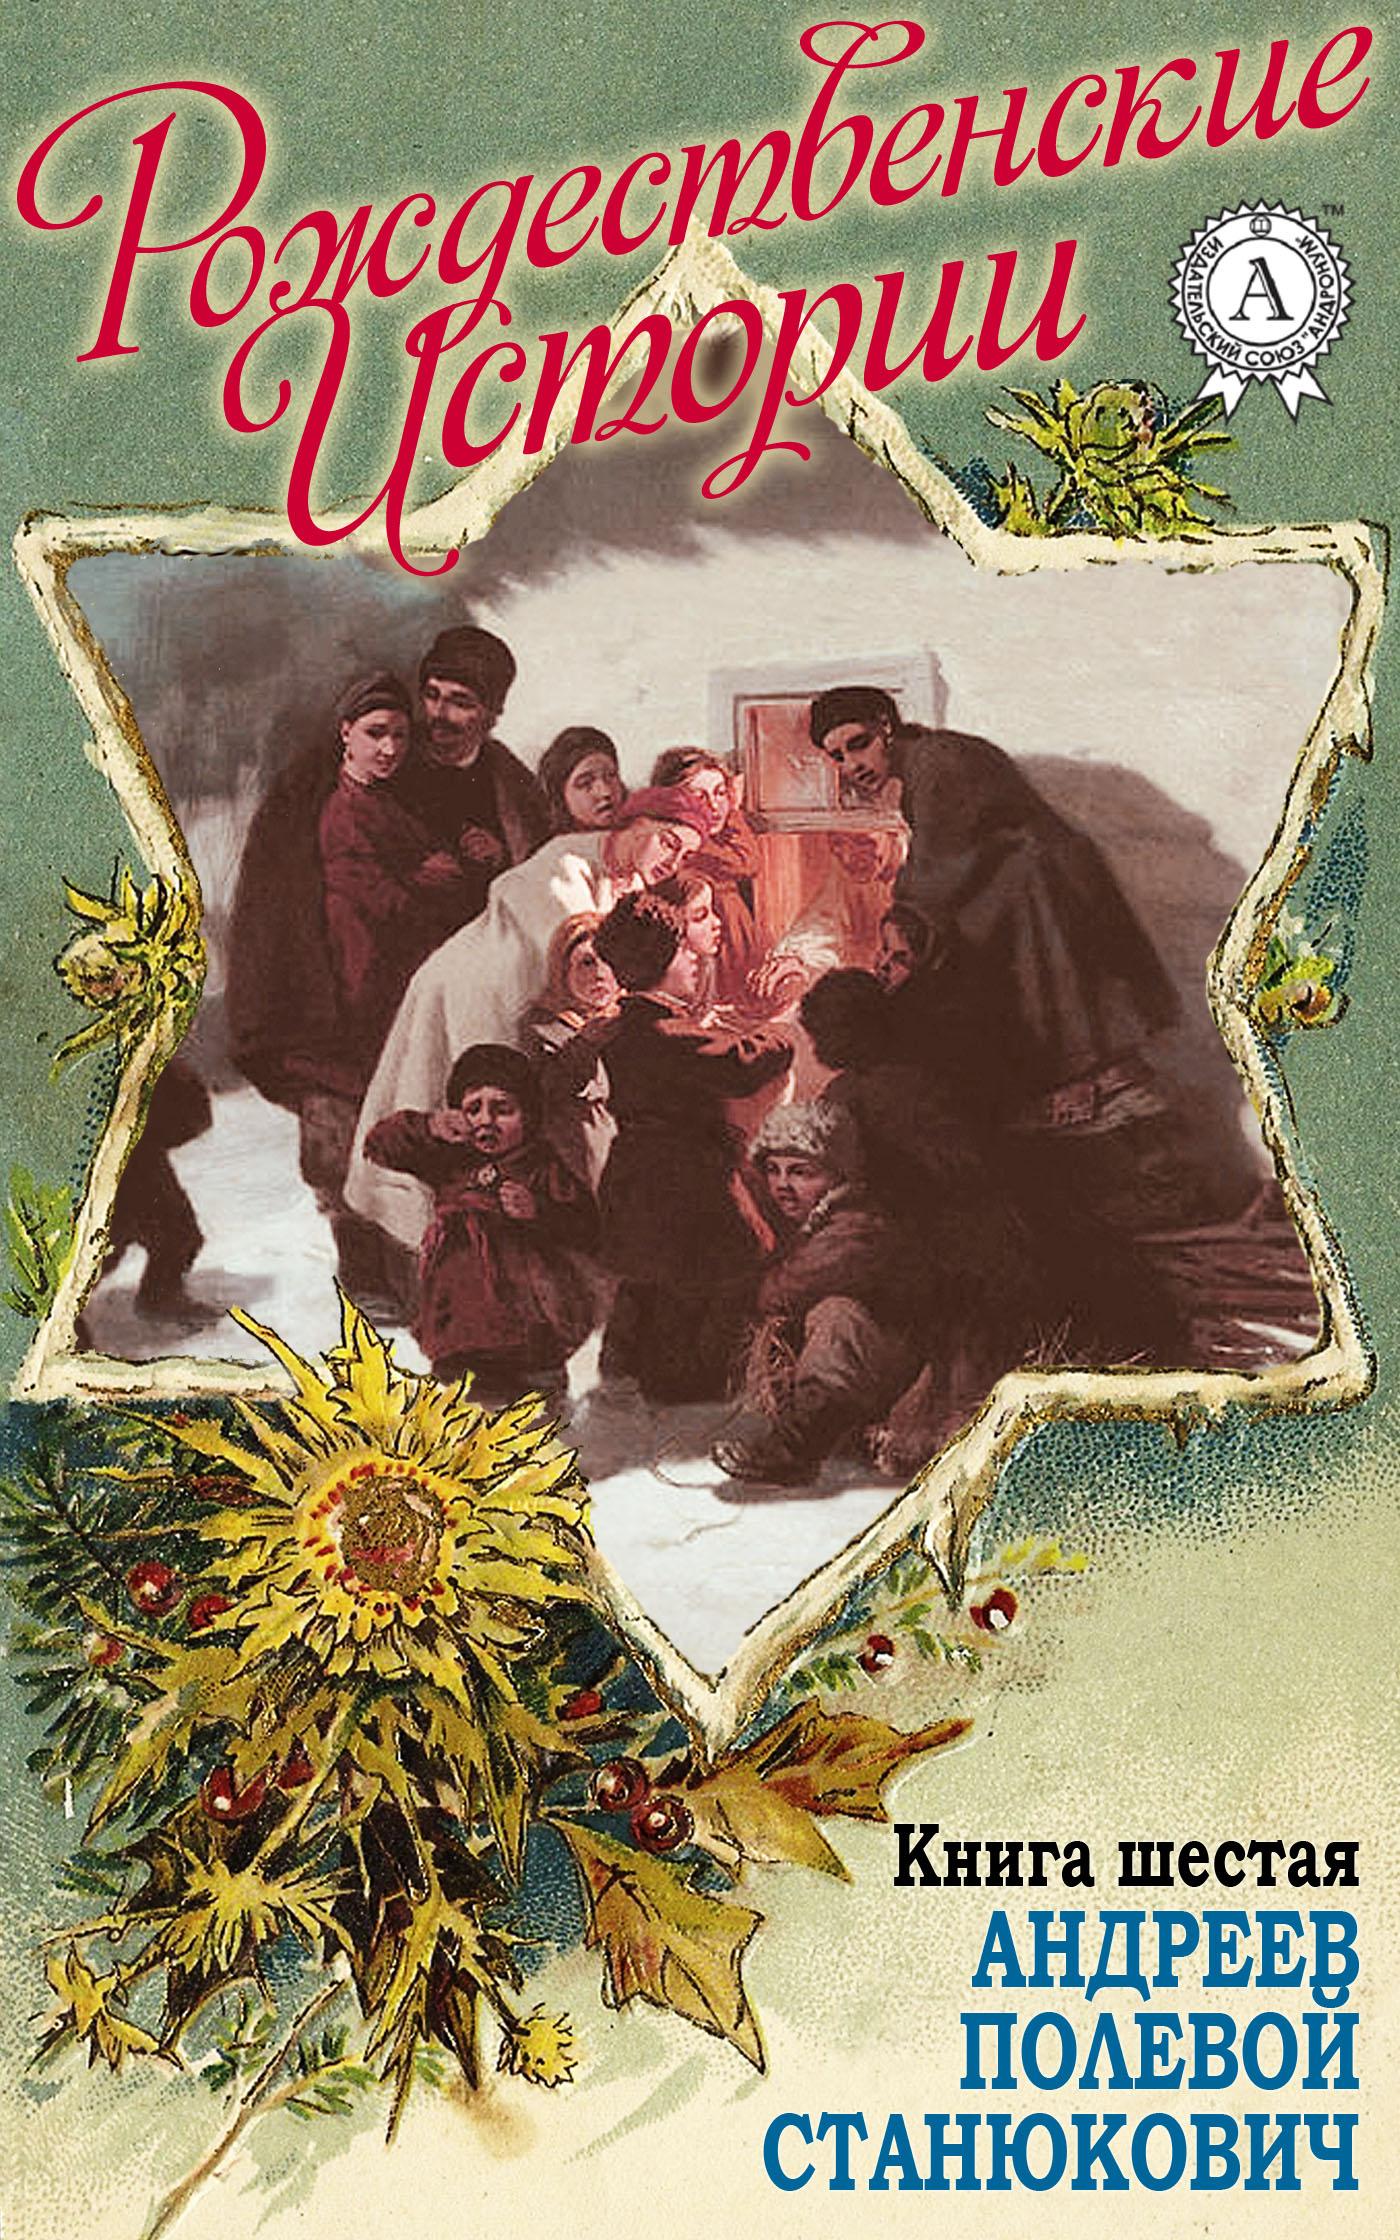 Скачать бесплатно книгу рождественские истории